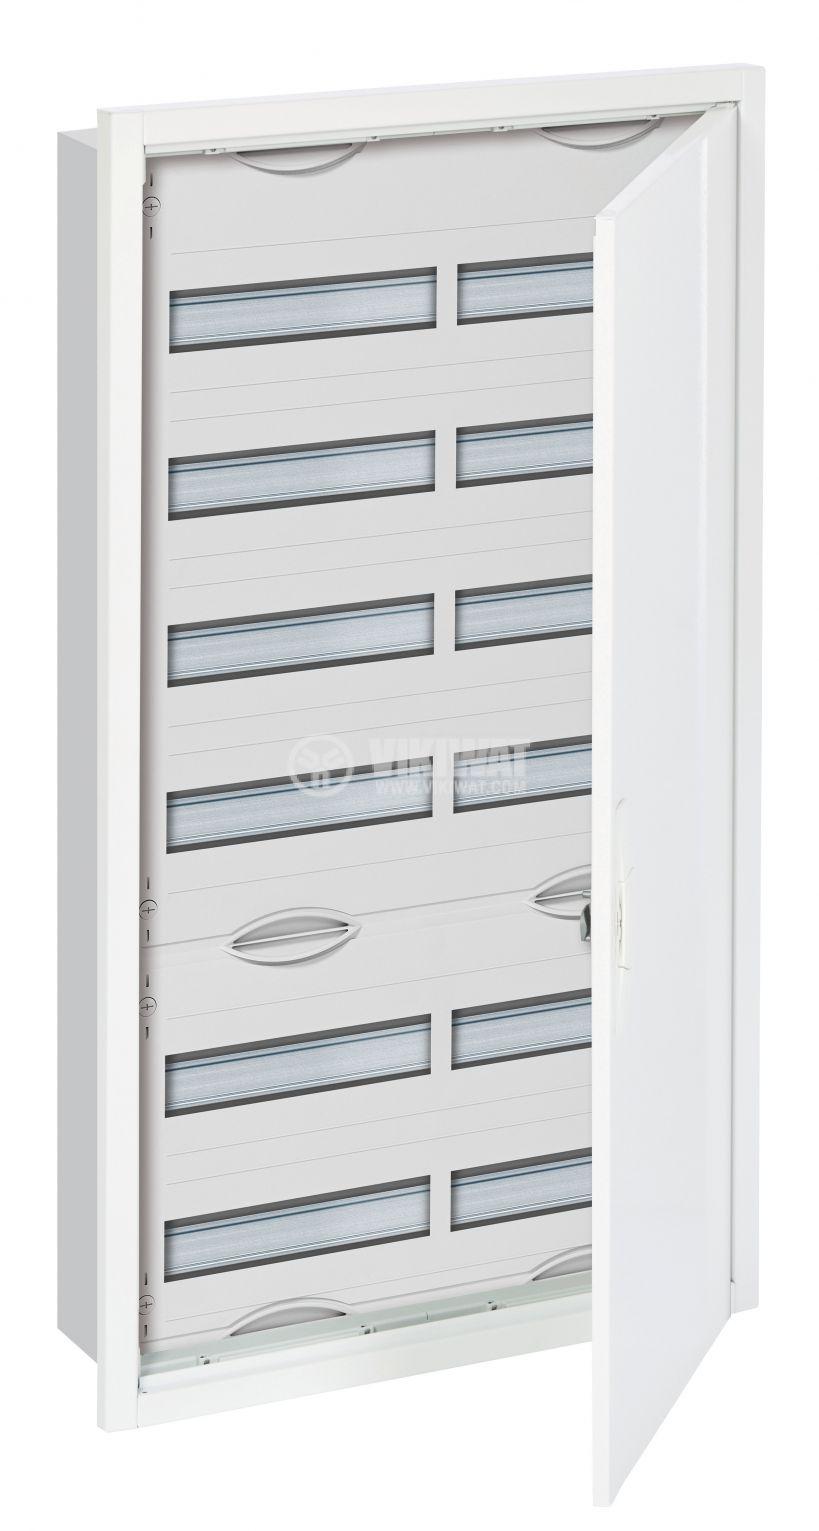 Разпределително табло U62, 6x24 модула, ABB, за вграждане, бял цвят, метална врата 2CPX030111R9999